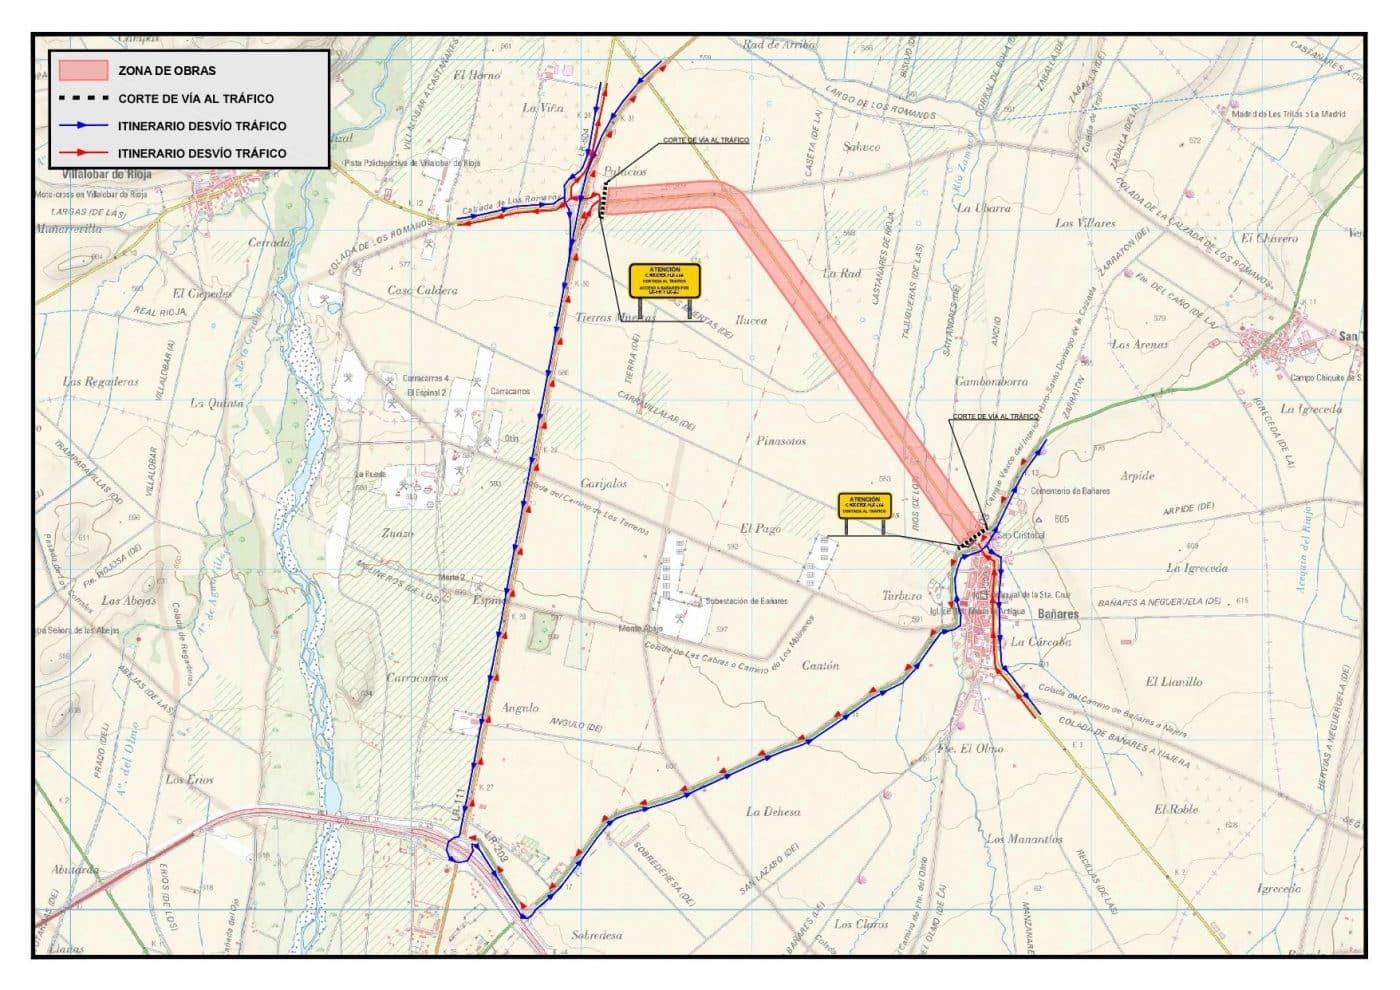 La LR-309 en Bañares estará cortada al tráfico desde el 3 de mayo para obras de ensanche y mejora 1